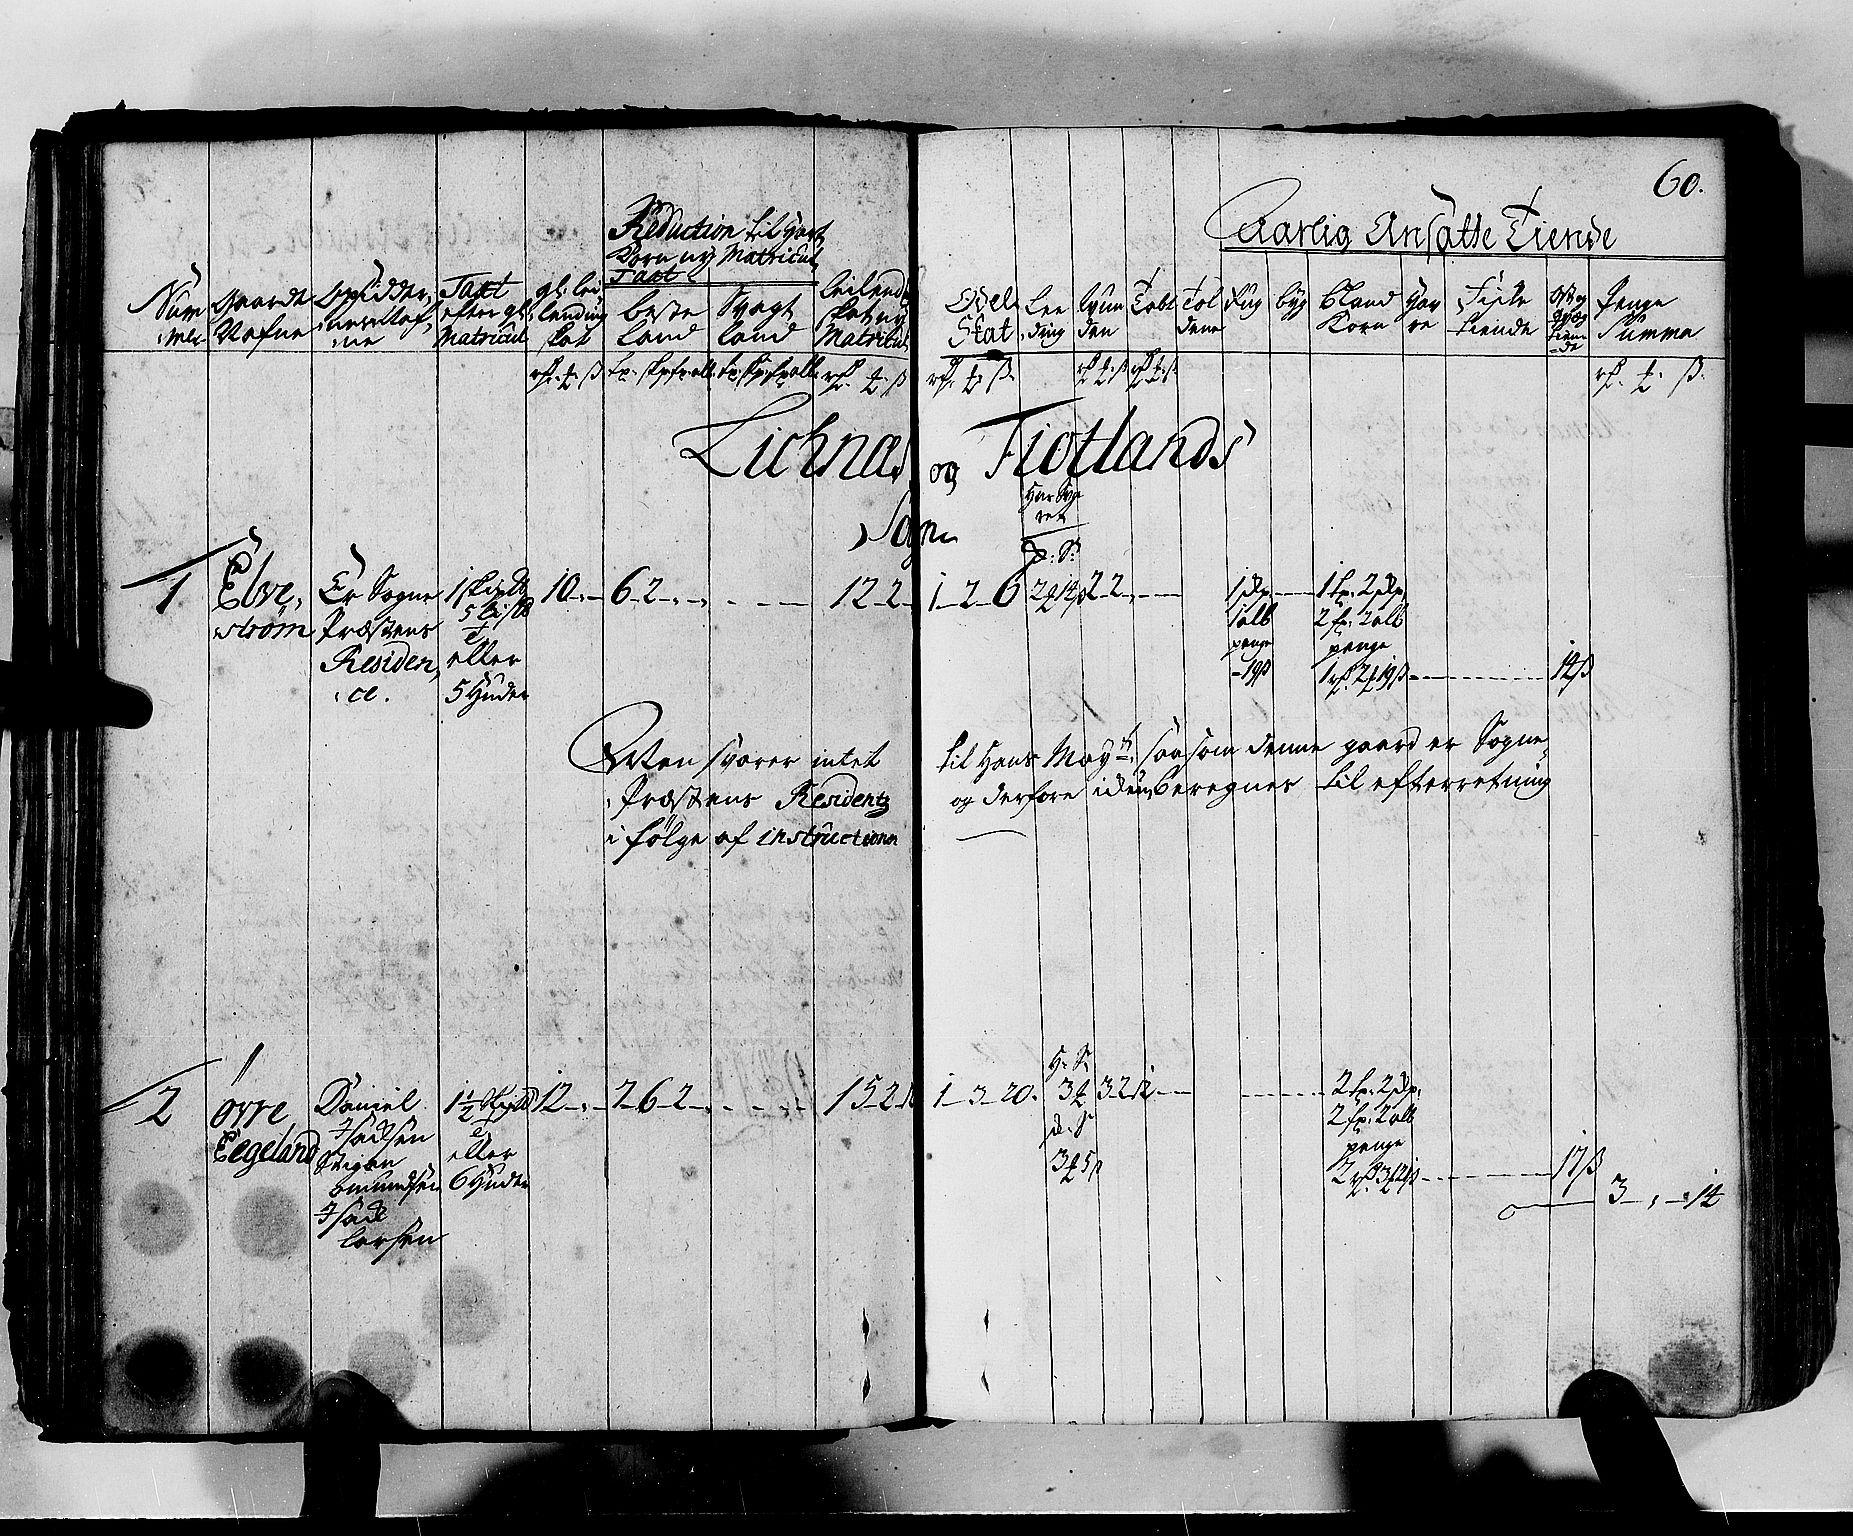 RA, Rentekammeret inntil 1814, Realistisk ordnet avdeling, N/Nb/Nbf/L0130: Lista matrikkelprotokoll, 1723, s. 59b-60a